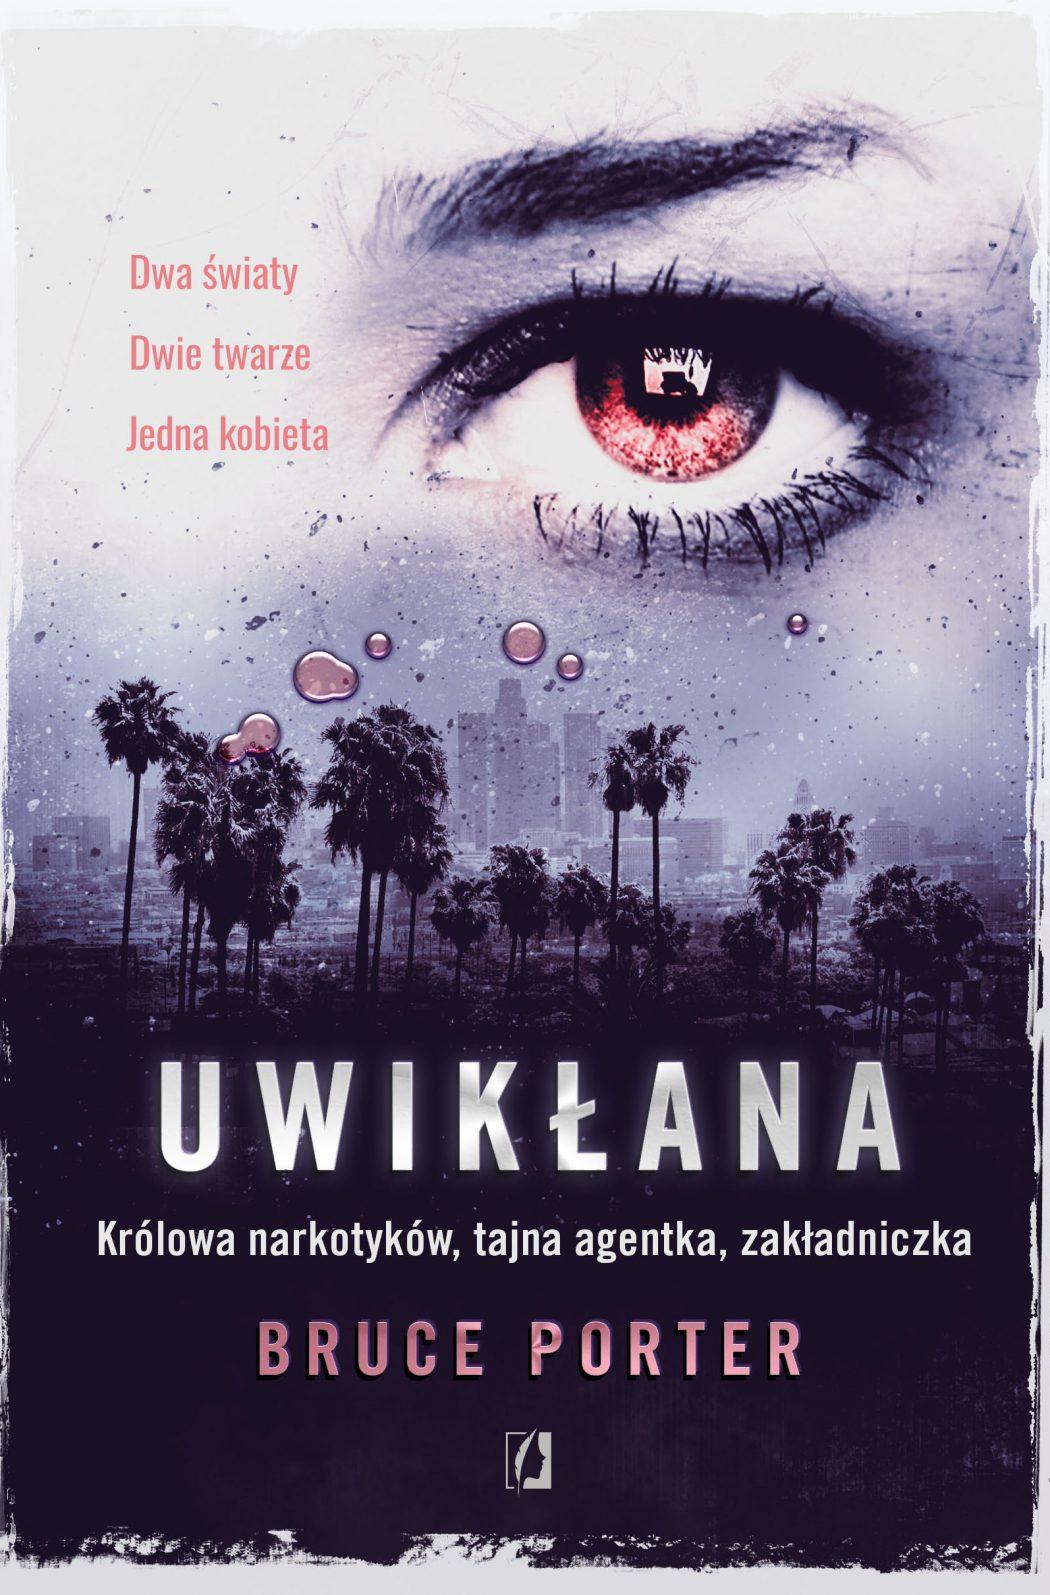 magazynkobiet.pl - Uwiklana 300 1050x1595 - Prawdziwa historia królowej narkotykowego imperium, która zaczęła pracować jako tajna agentka